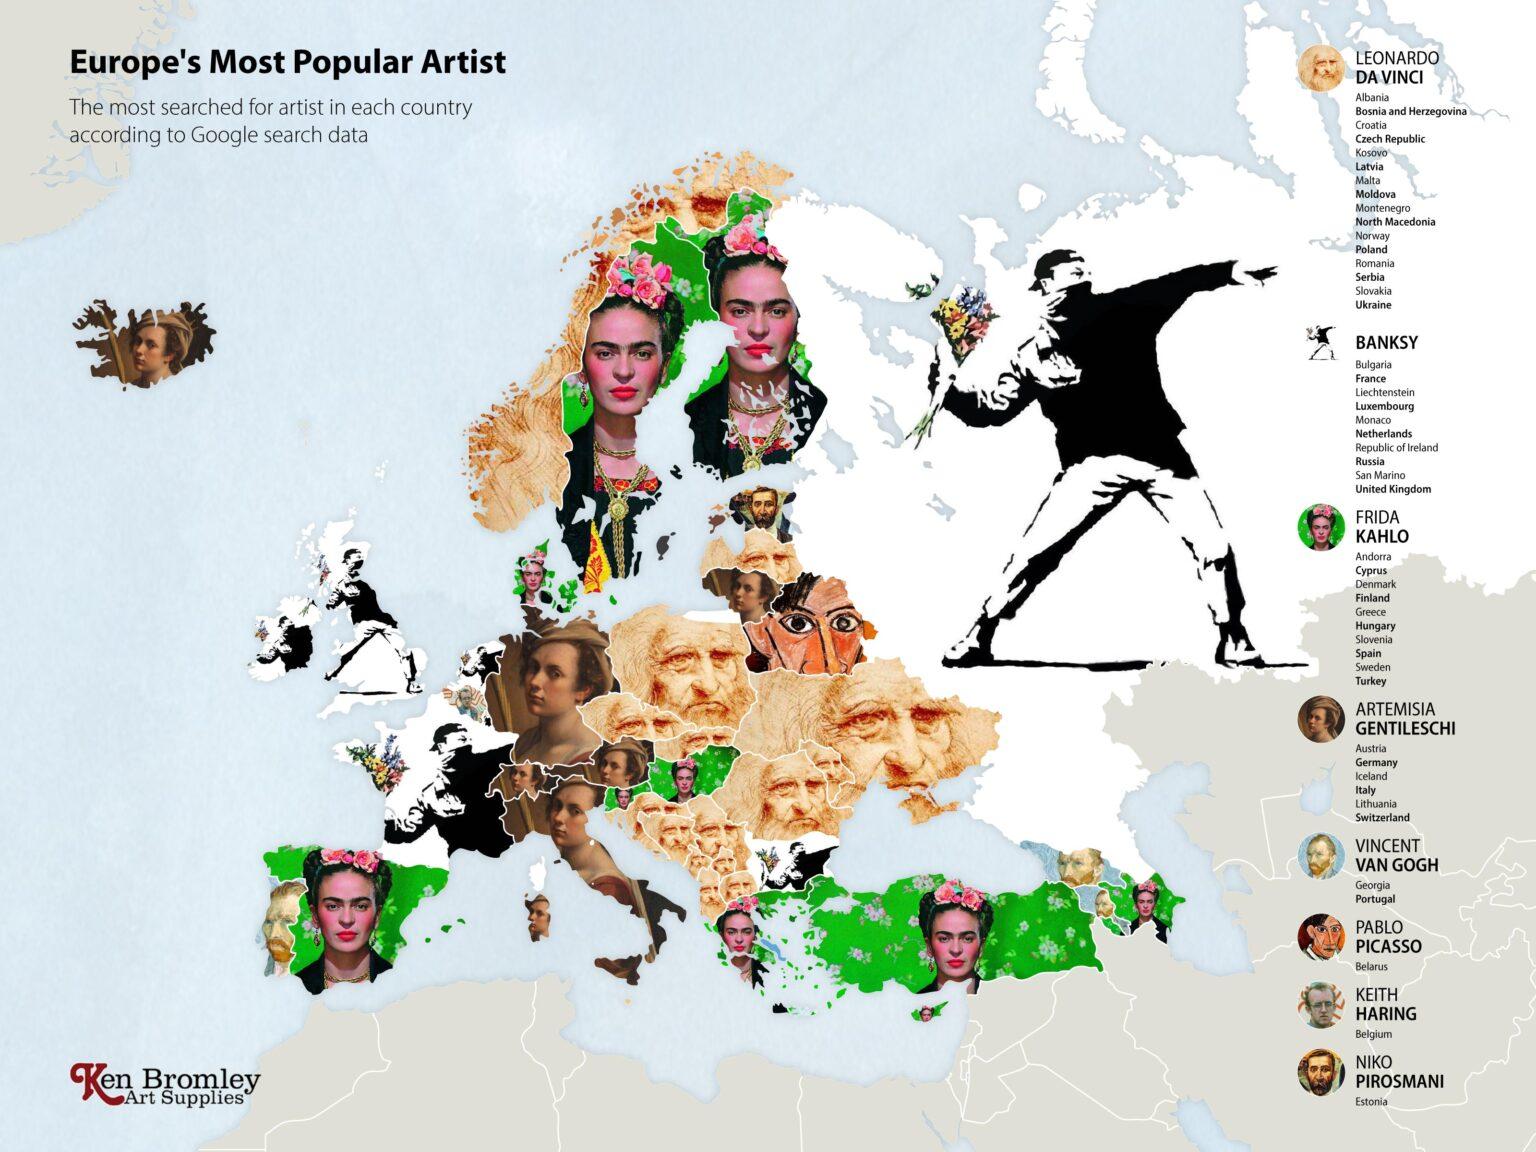 Οι πιο δημοφιλείς καλλιτέχνες στην Ευρώπη, Φωτογραφία/credits: Ken Bromley Art Supplies